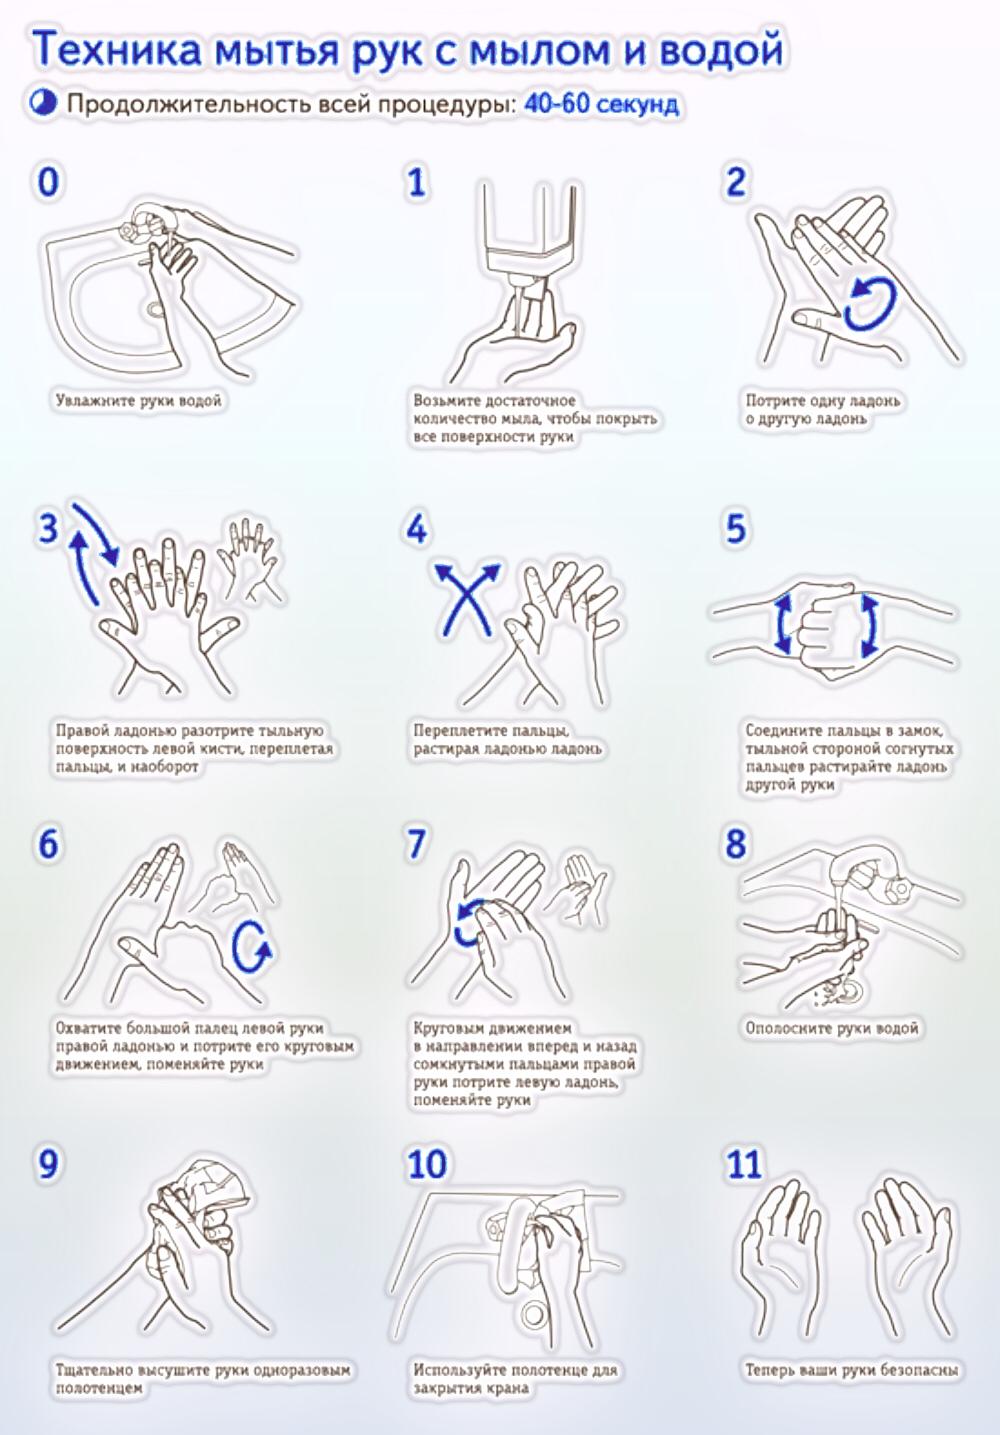 Правильный порядок дезинфекции рук после общественных мест